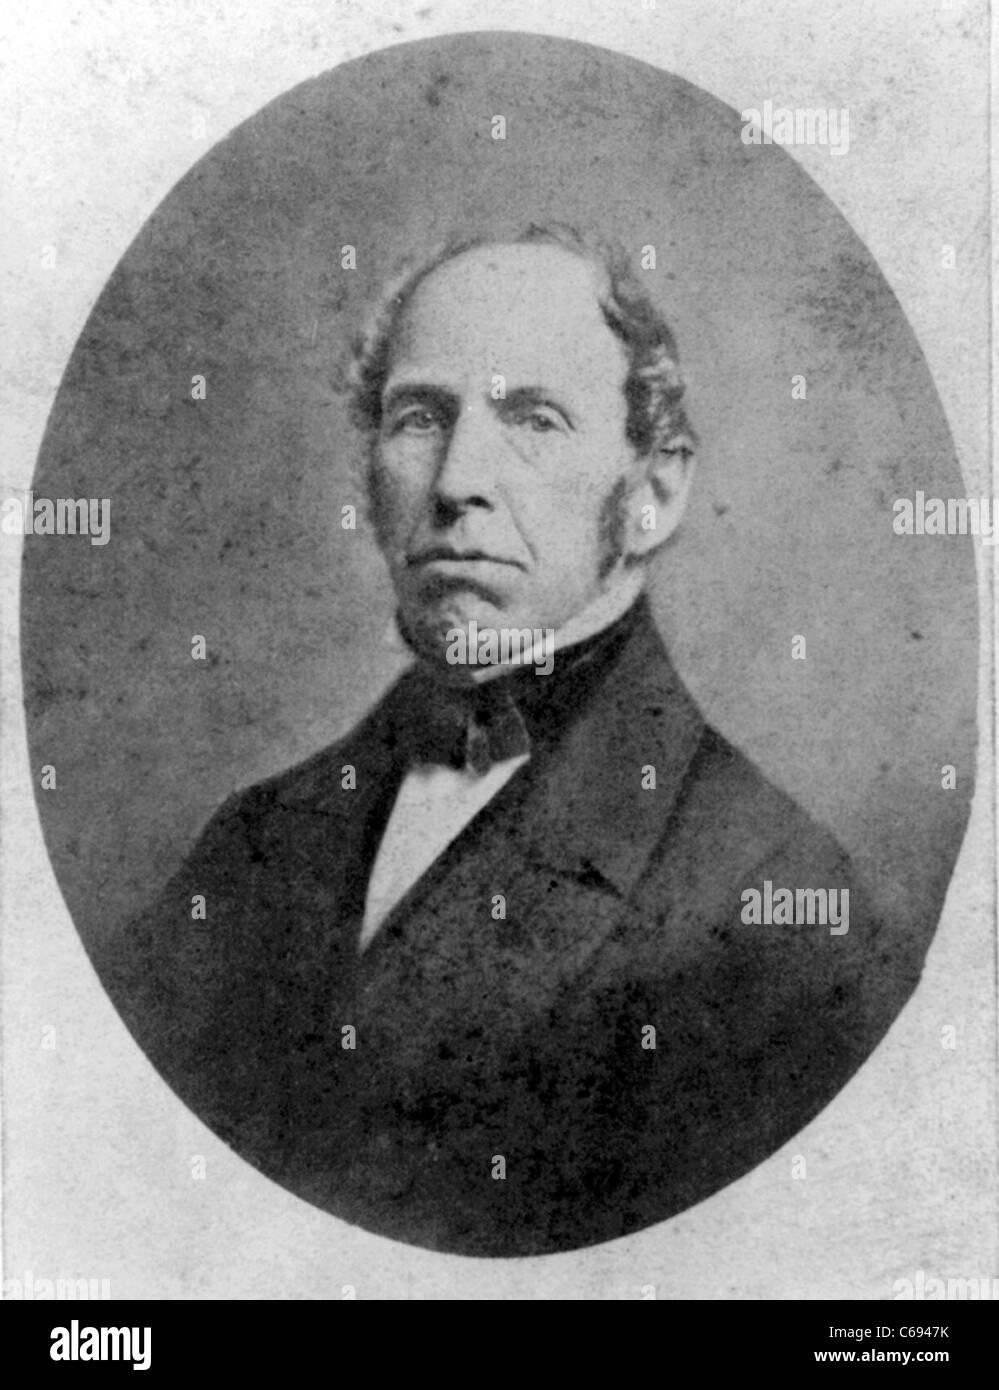 Francis Jackson, abolitionist - Stock Image